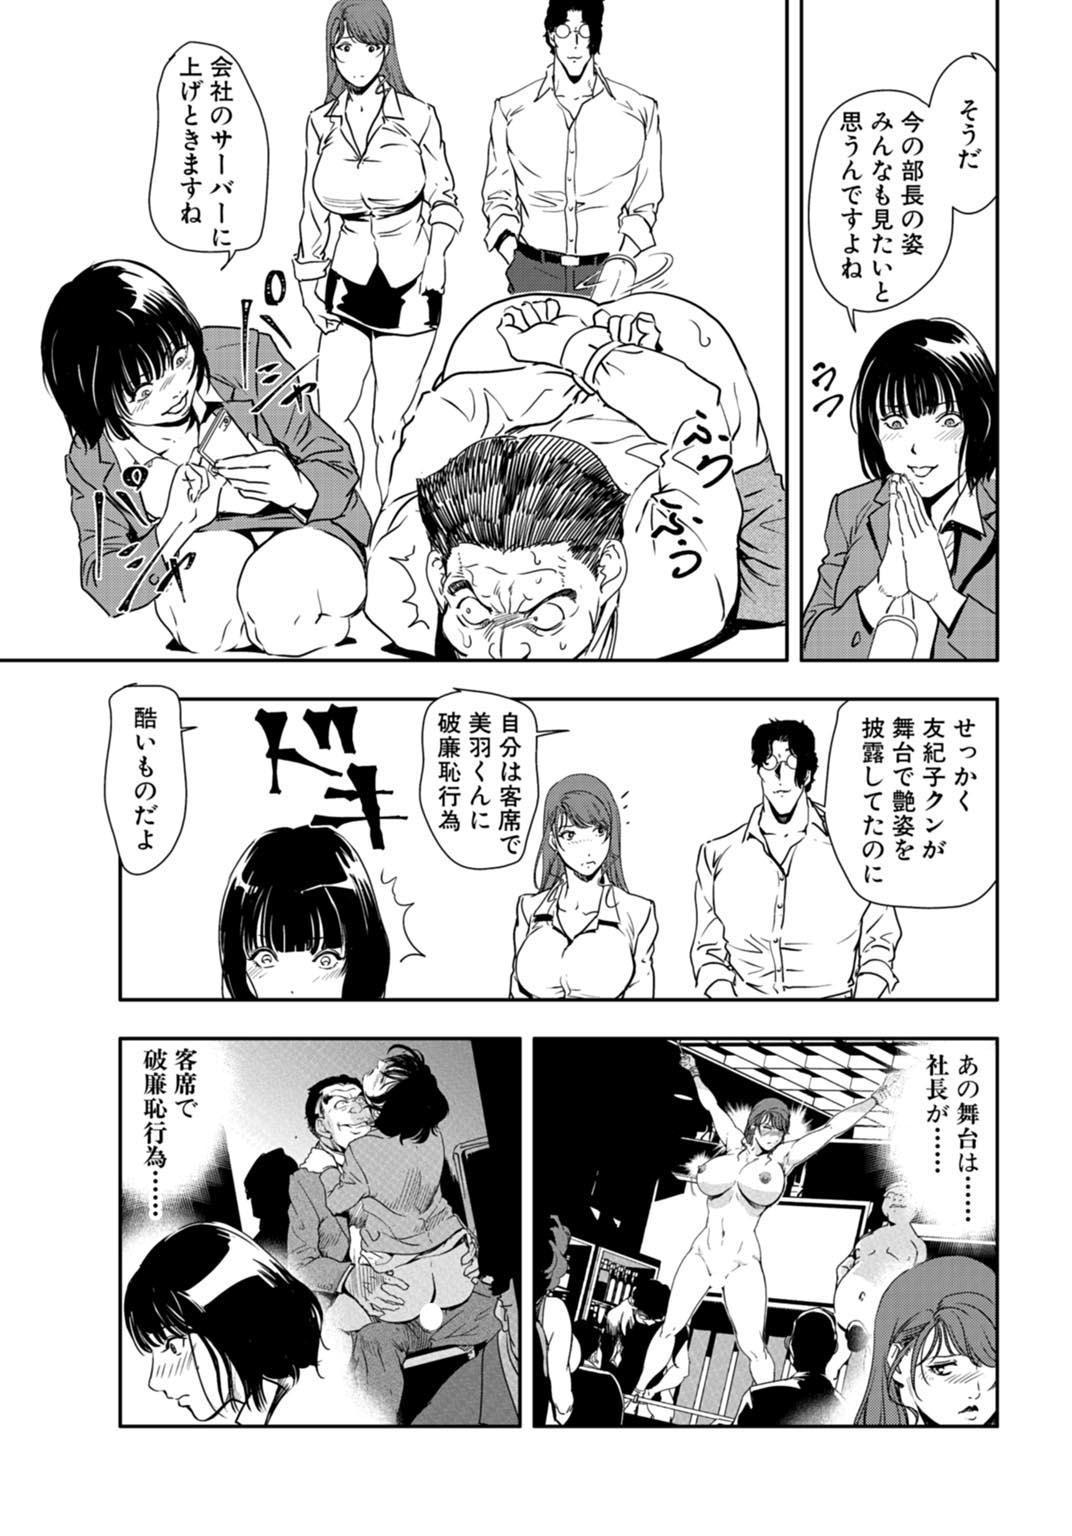 Nikuhisyo Yukiko 25 81